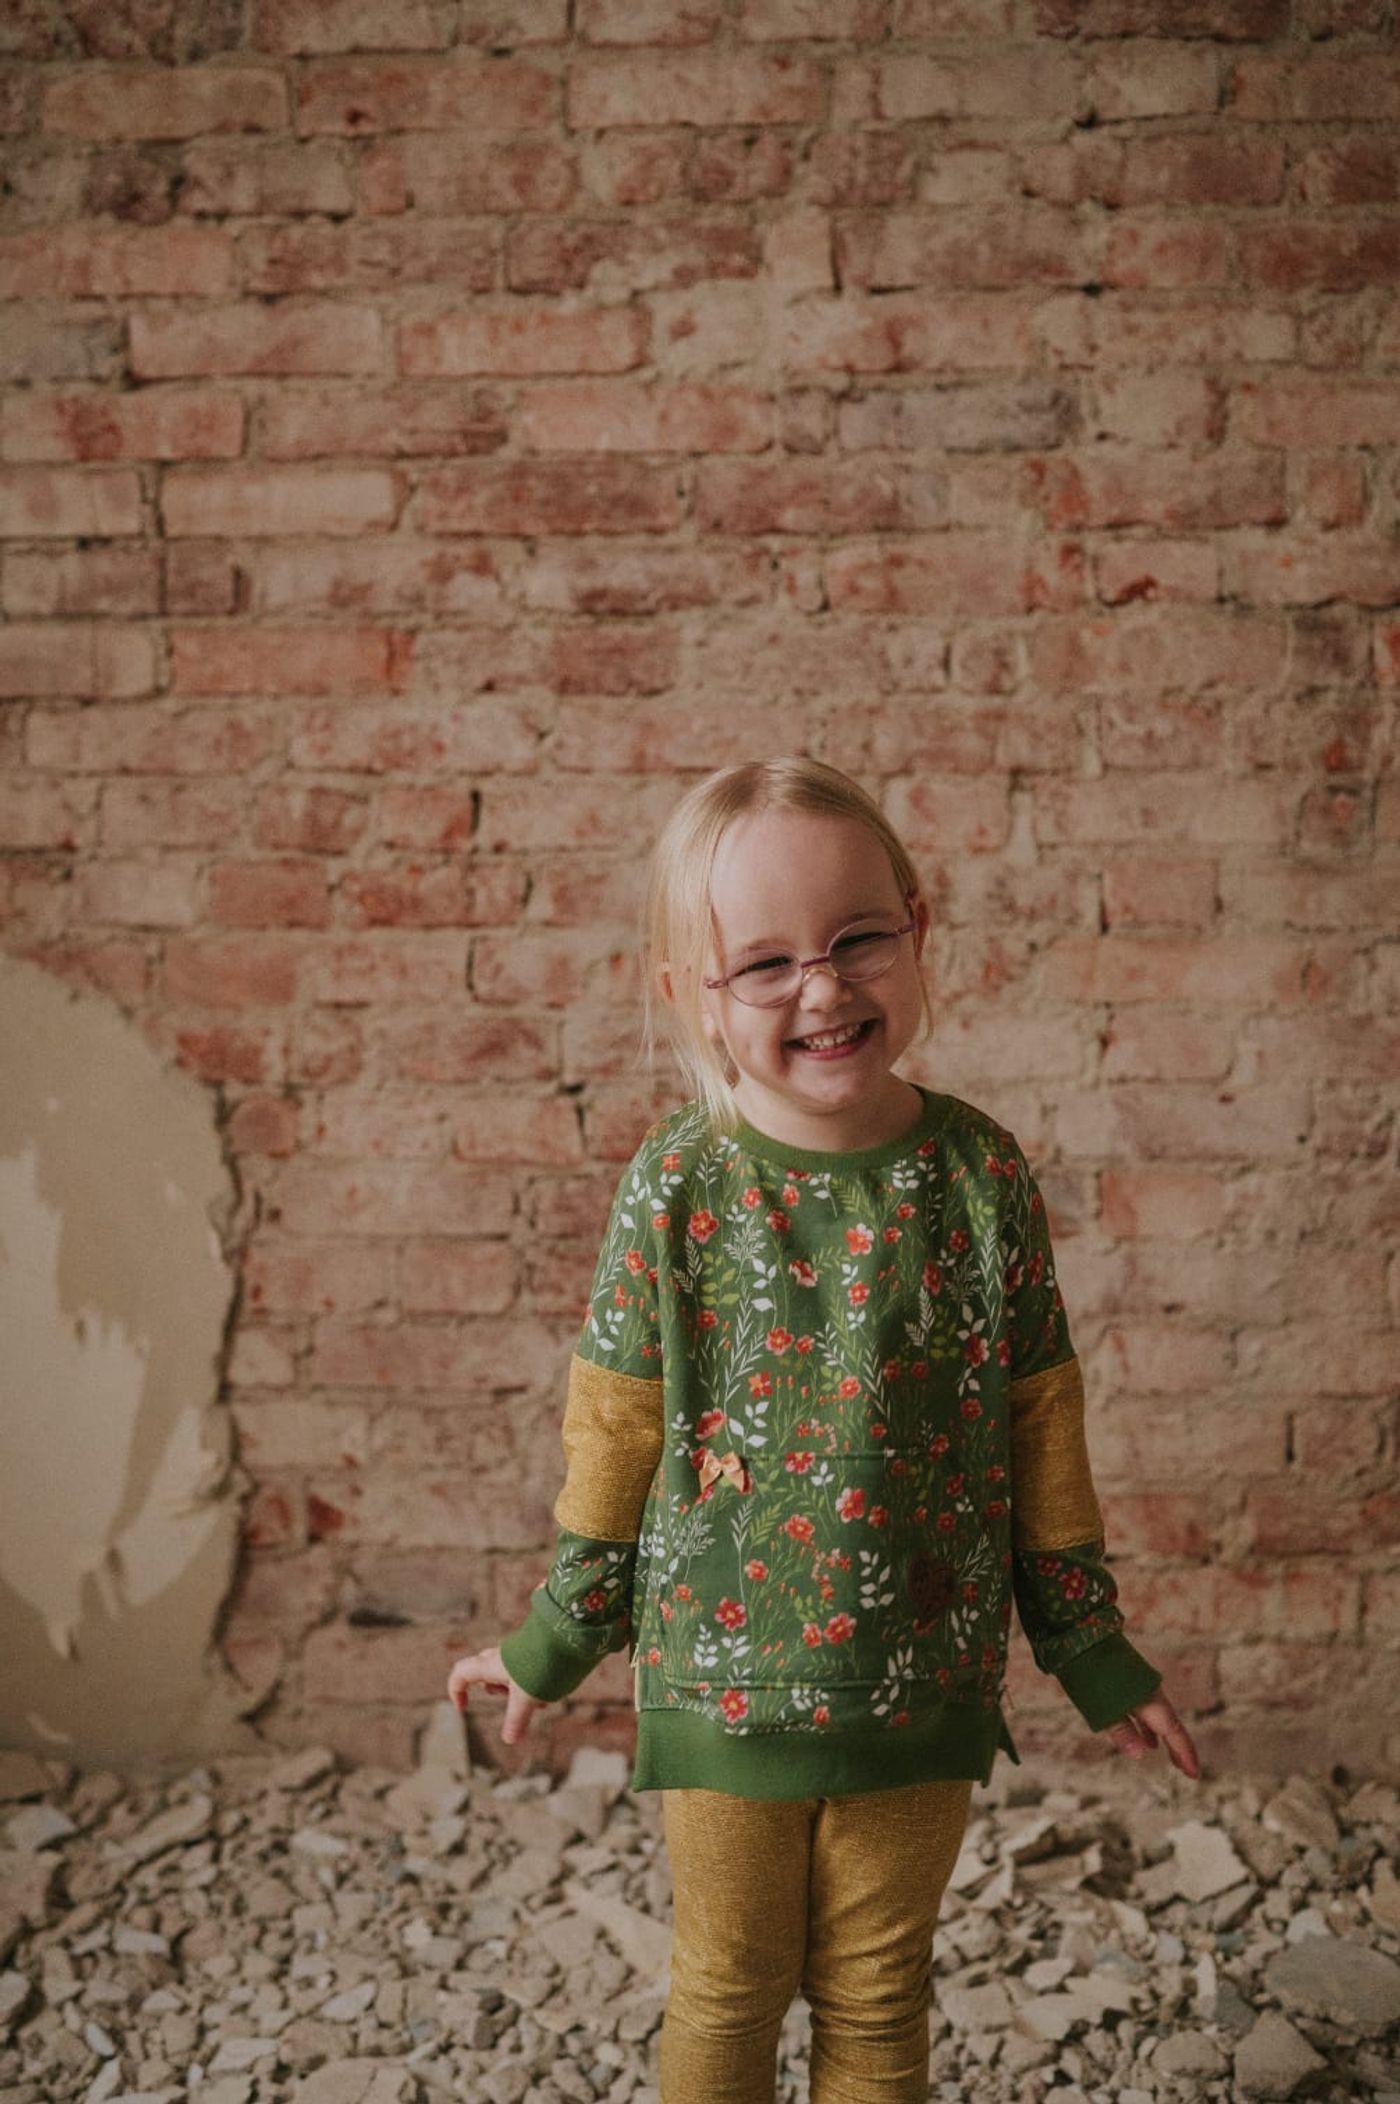 Produktfoto 4 von MamisLiebenNähen für Schnittmuster Sweater Kris in Gr. 86 - 152